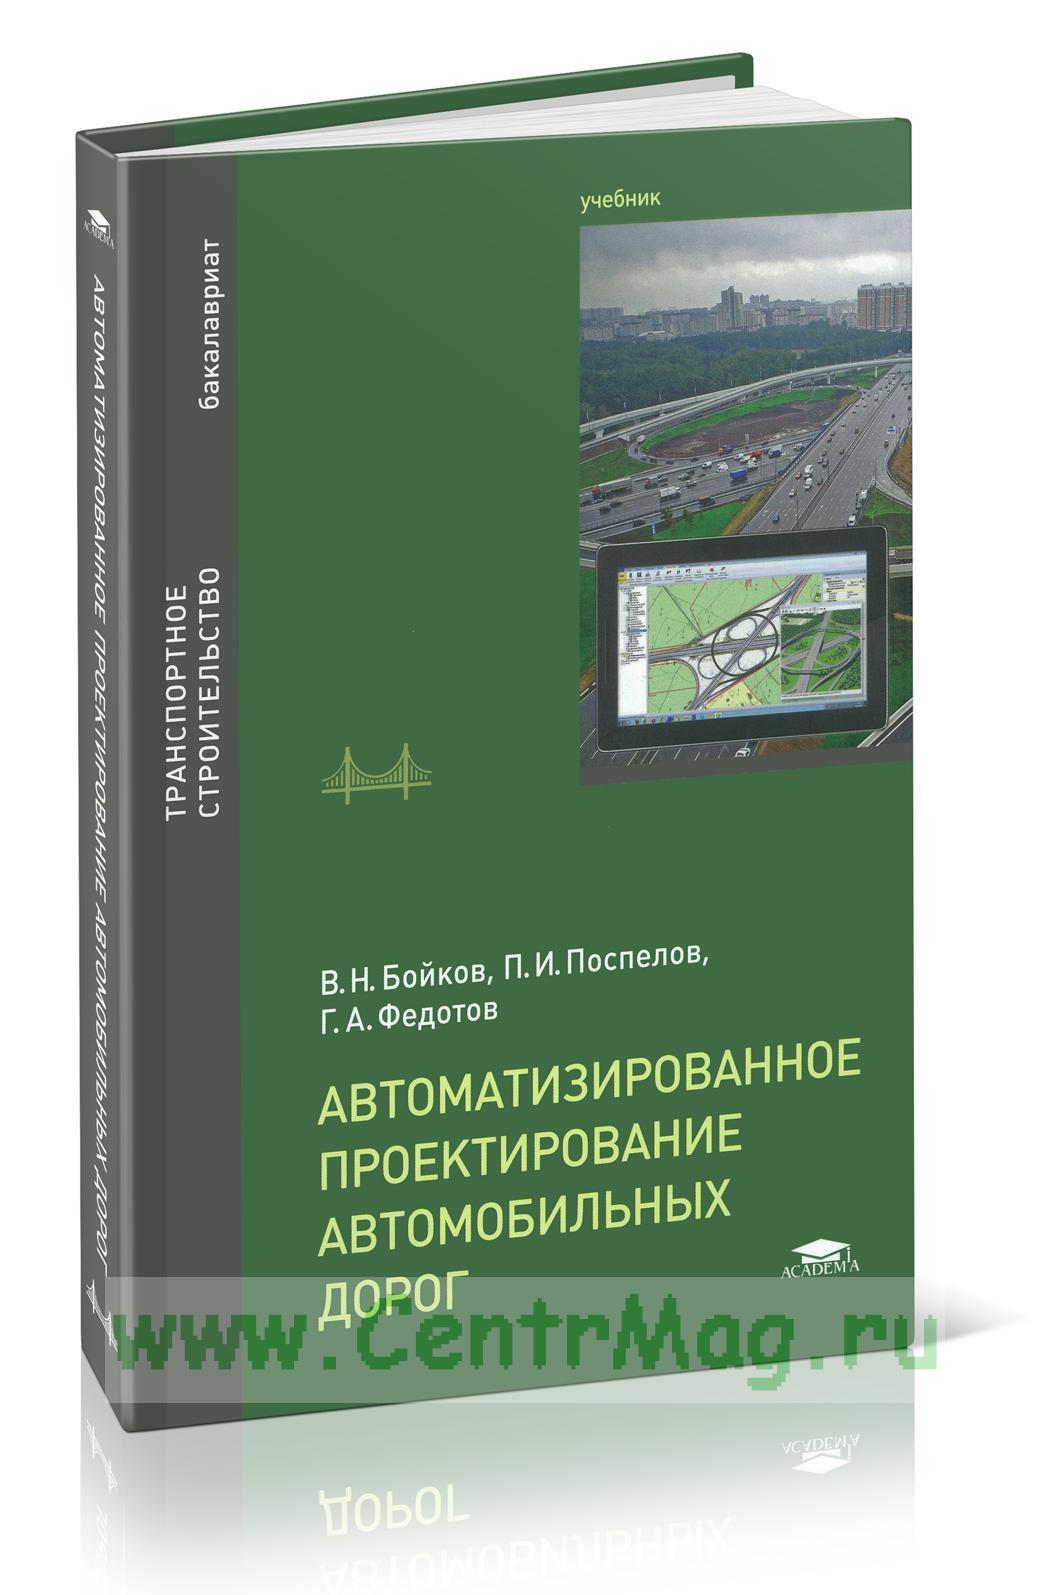 Автоматизированное проектирование автомобильных дорог: учебник